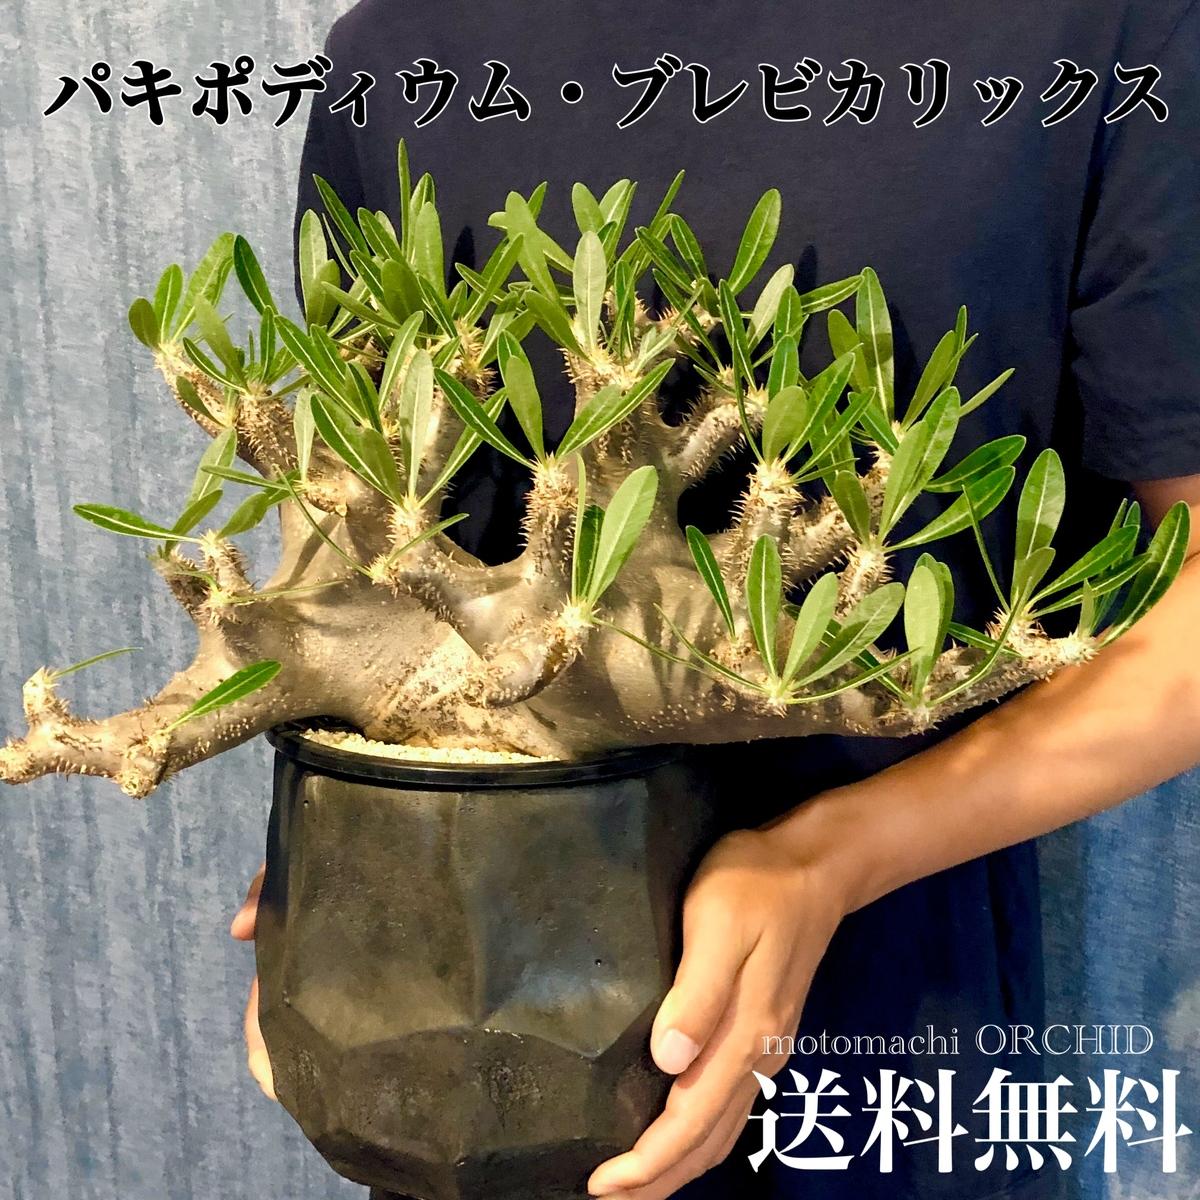 希少 パキポディウム ブレビカリックス 塊根植物 コーデックス 人気人気急増 シリーズ 多肉植物 観葉植物 個性的 造形的 芸術的 インテリア 陶器鉢 送料無料